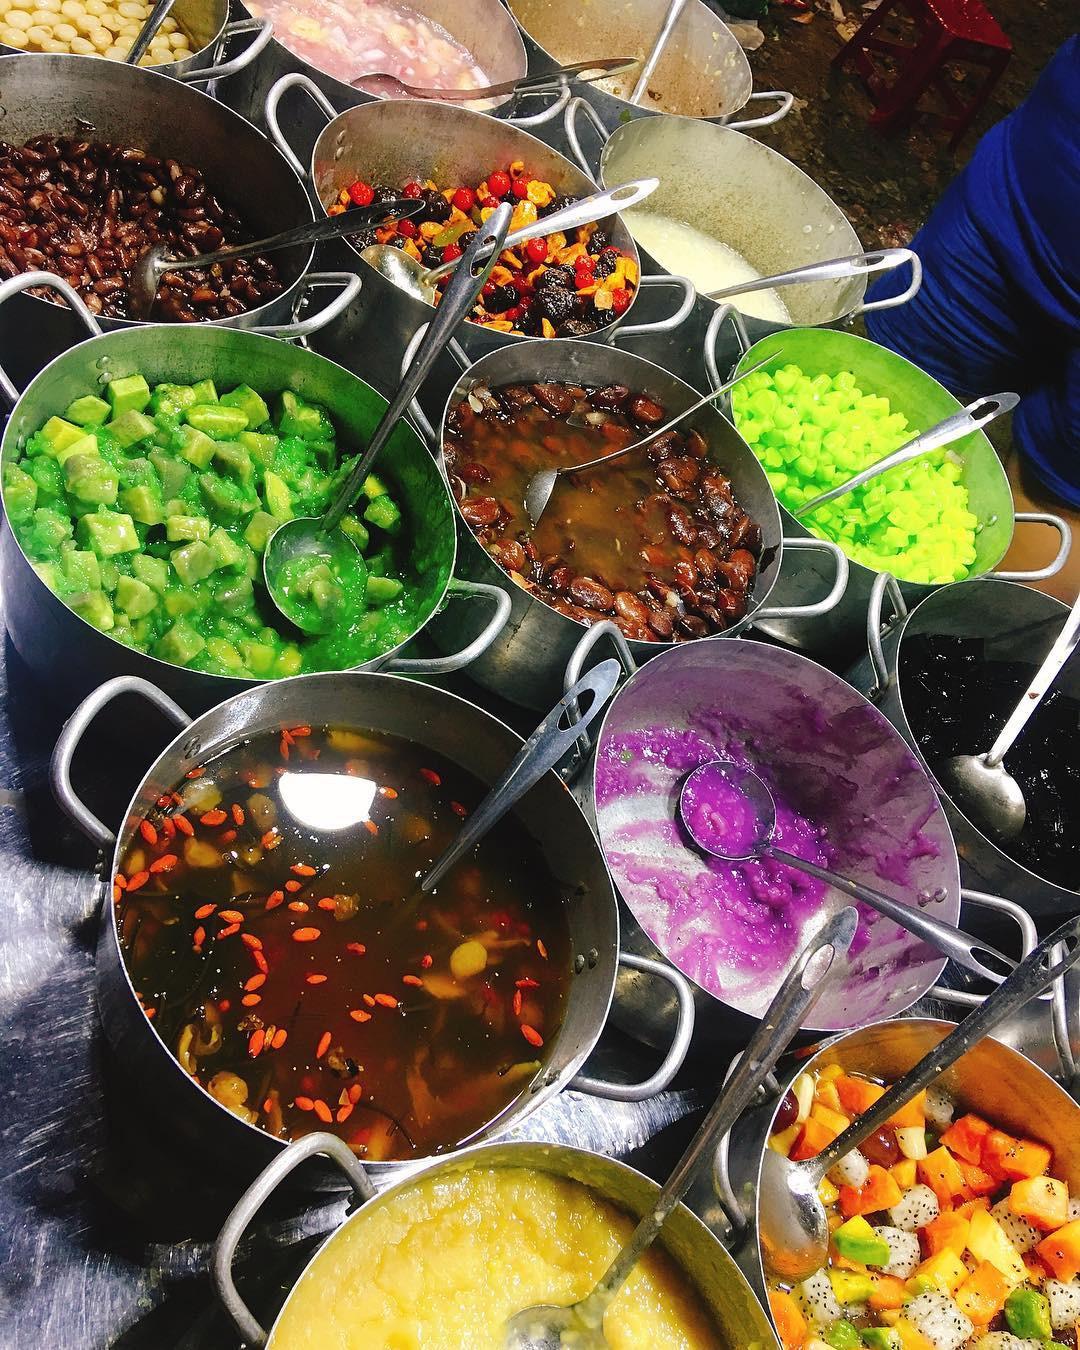 Lễ 2/9 ngại đi chơi xa, đến ngay những quán ăn ngon và thưởng thức món ăn vặt nổi tiếng xứ Huế  - Ảnh 14.